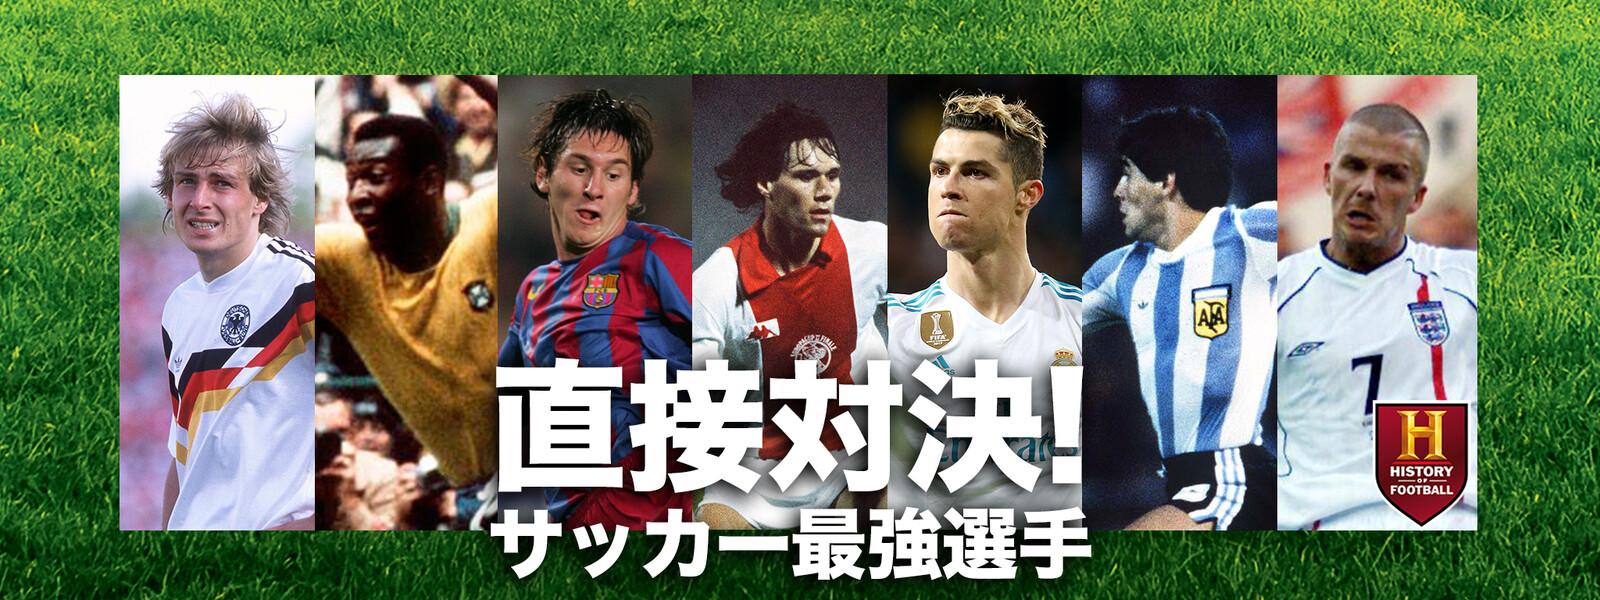 直接対決! サッカー最強選手 動画